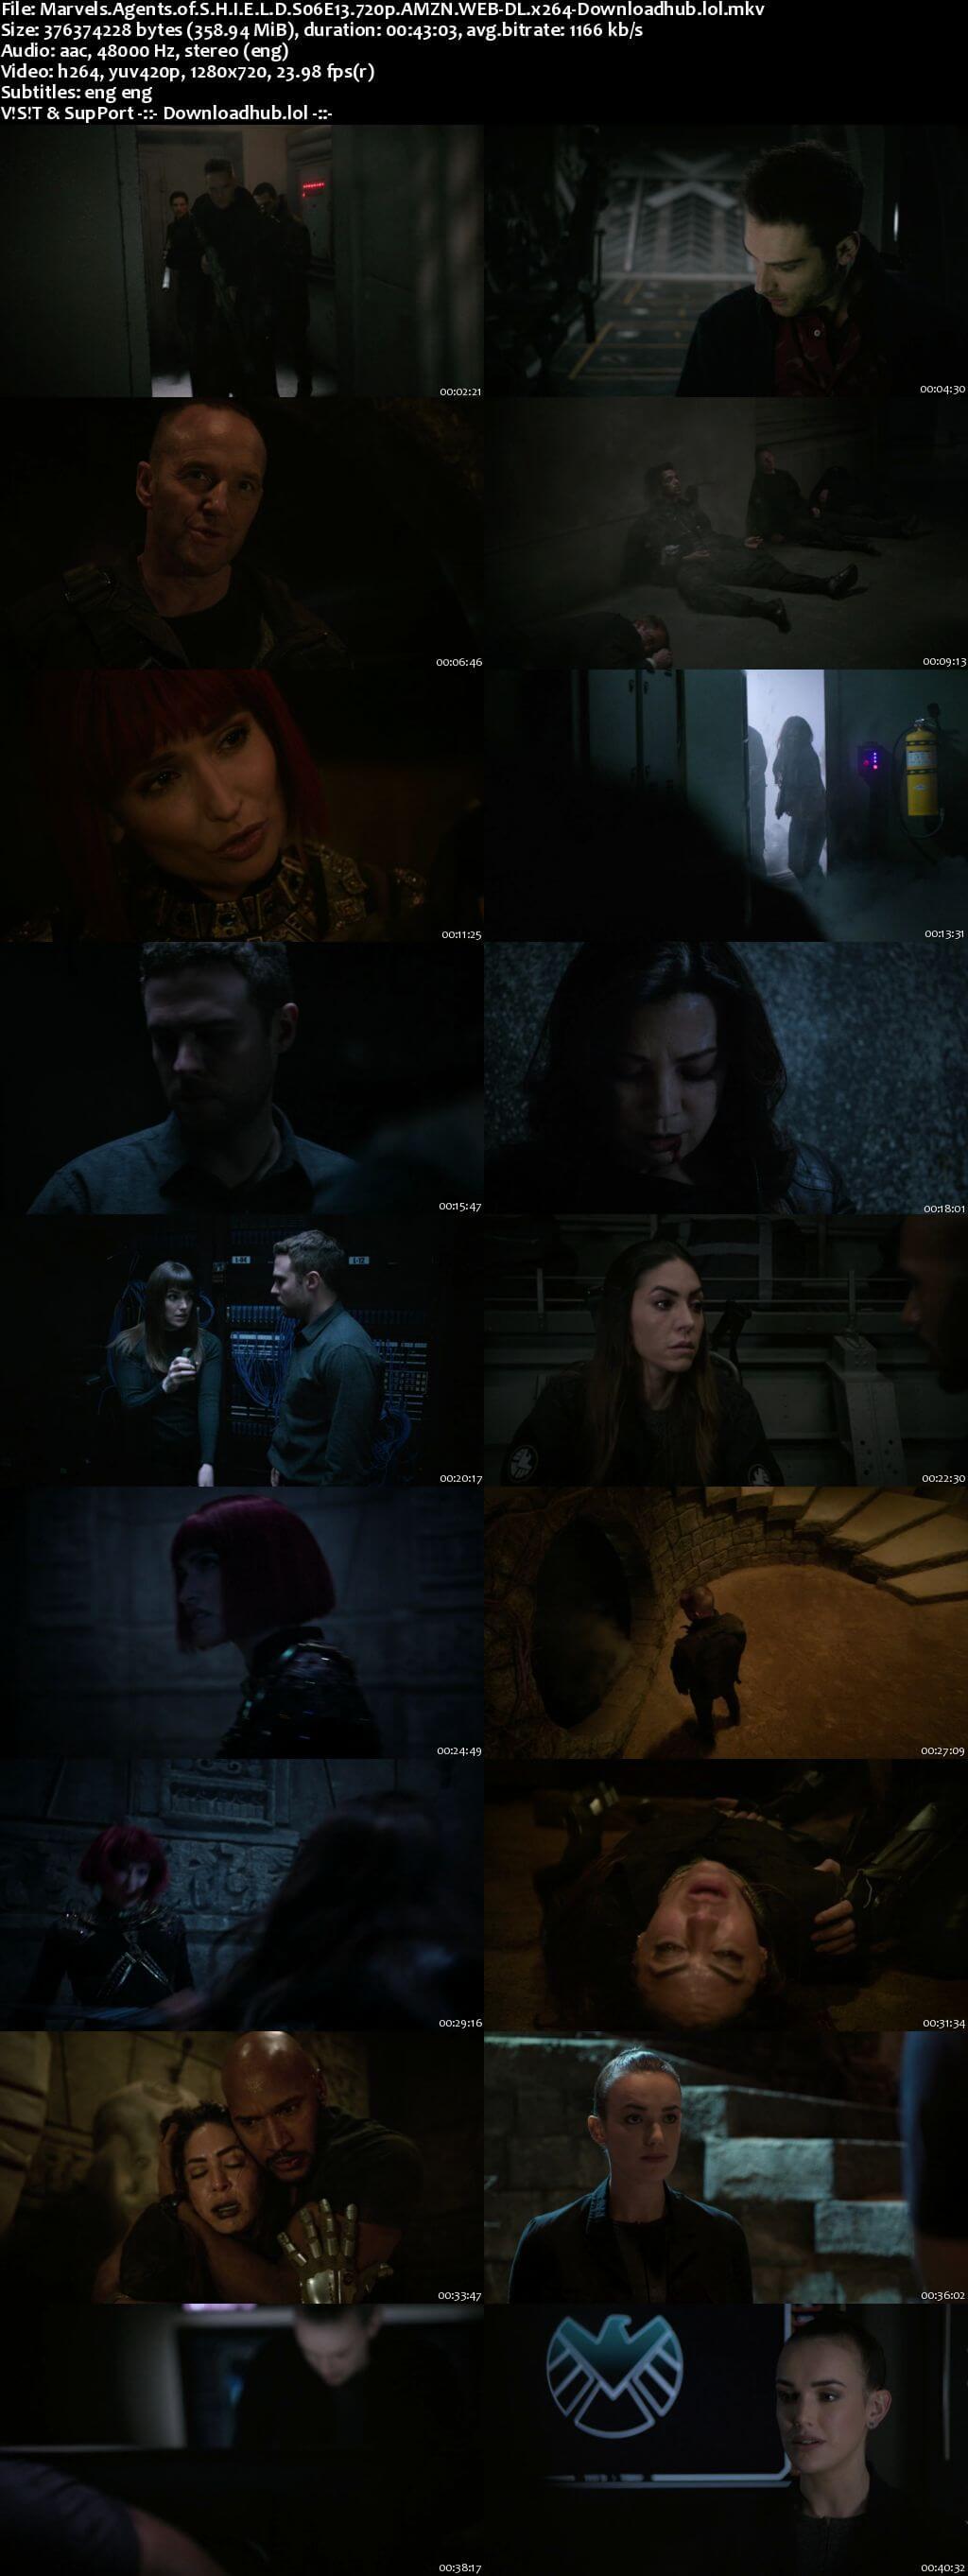 Marvels Agents of S.H.I.E.L.D S06E13 350MB AMZN WEB-DL 720p ESubs